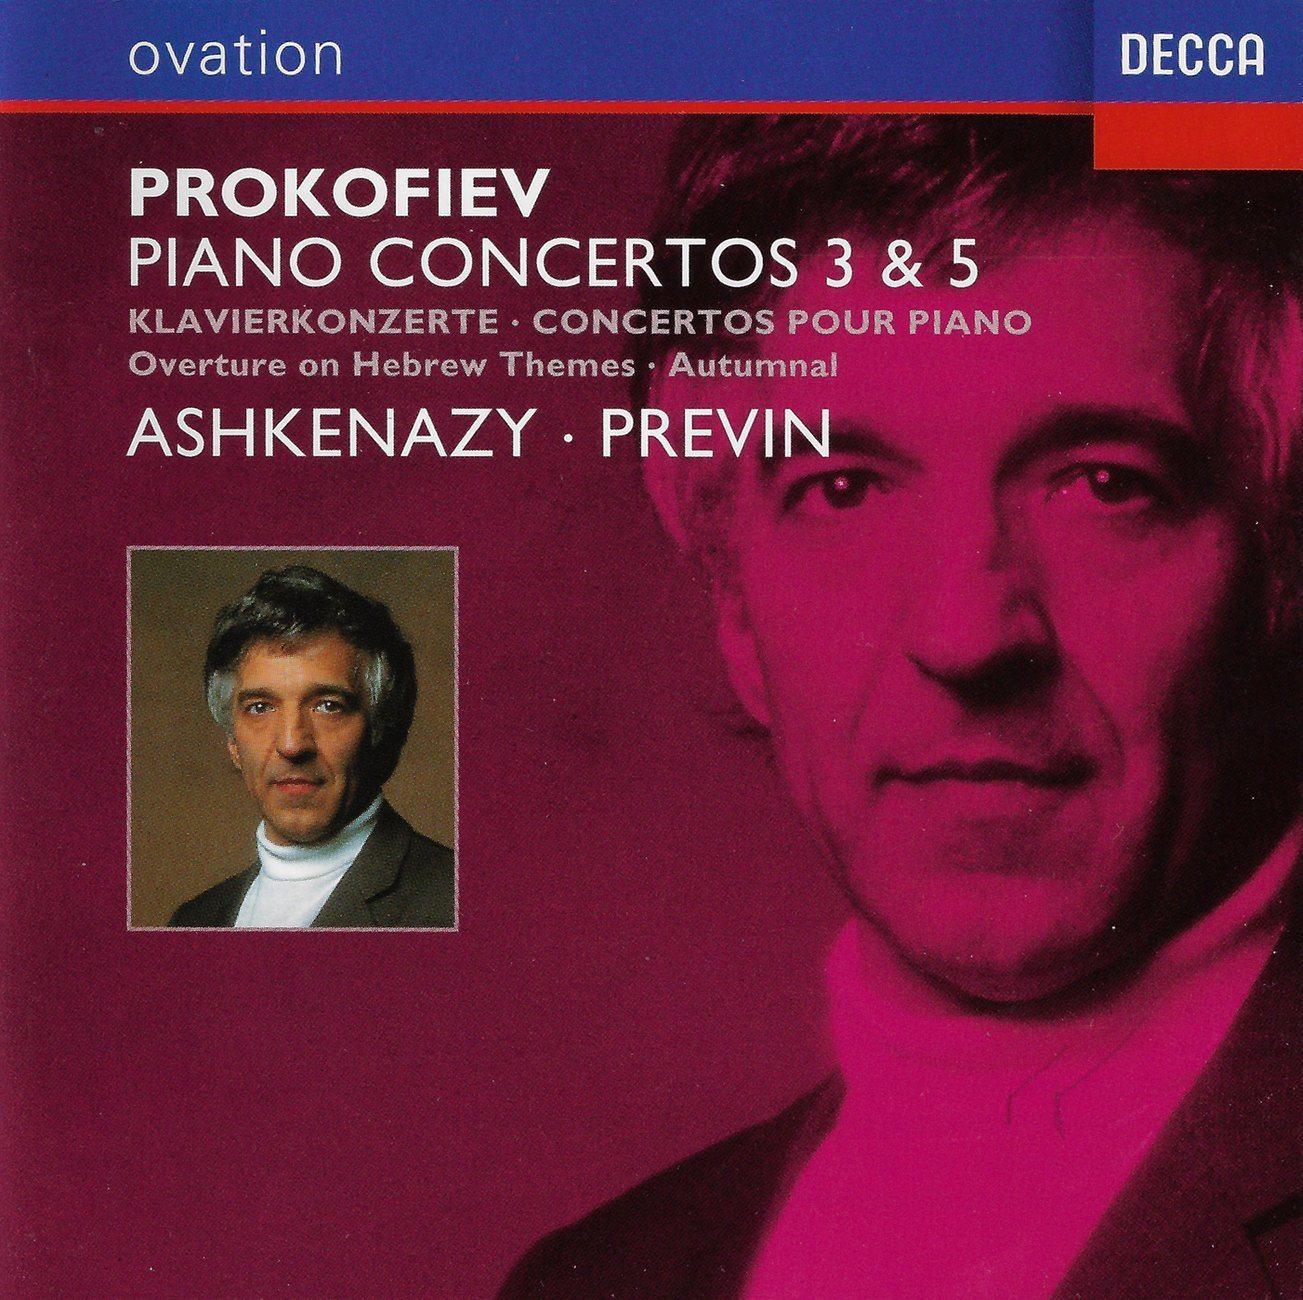 Prokofiev - Ashkenazy, Previn Piano Concertos 3 & 5 Vinyl